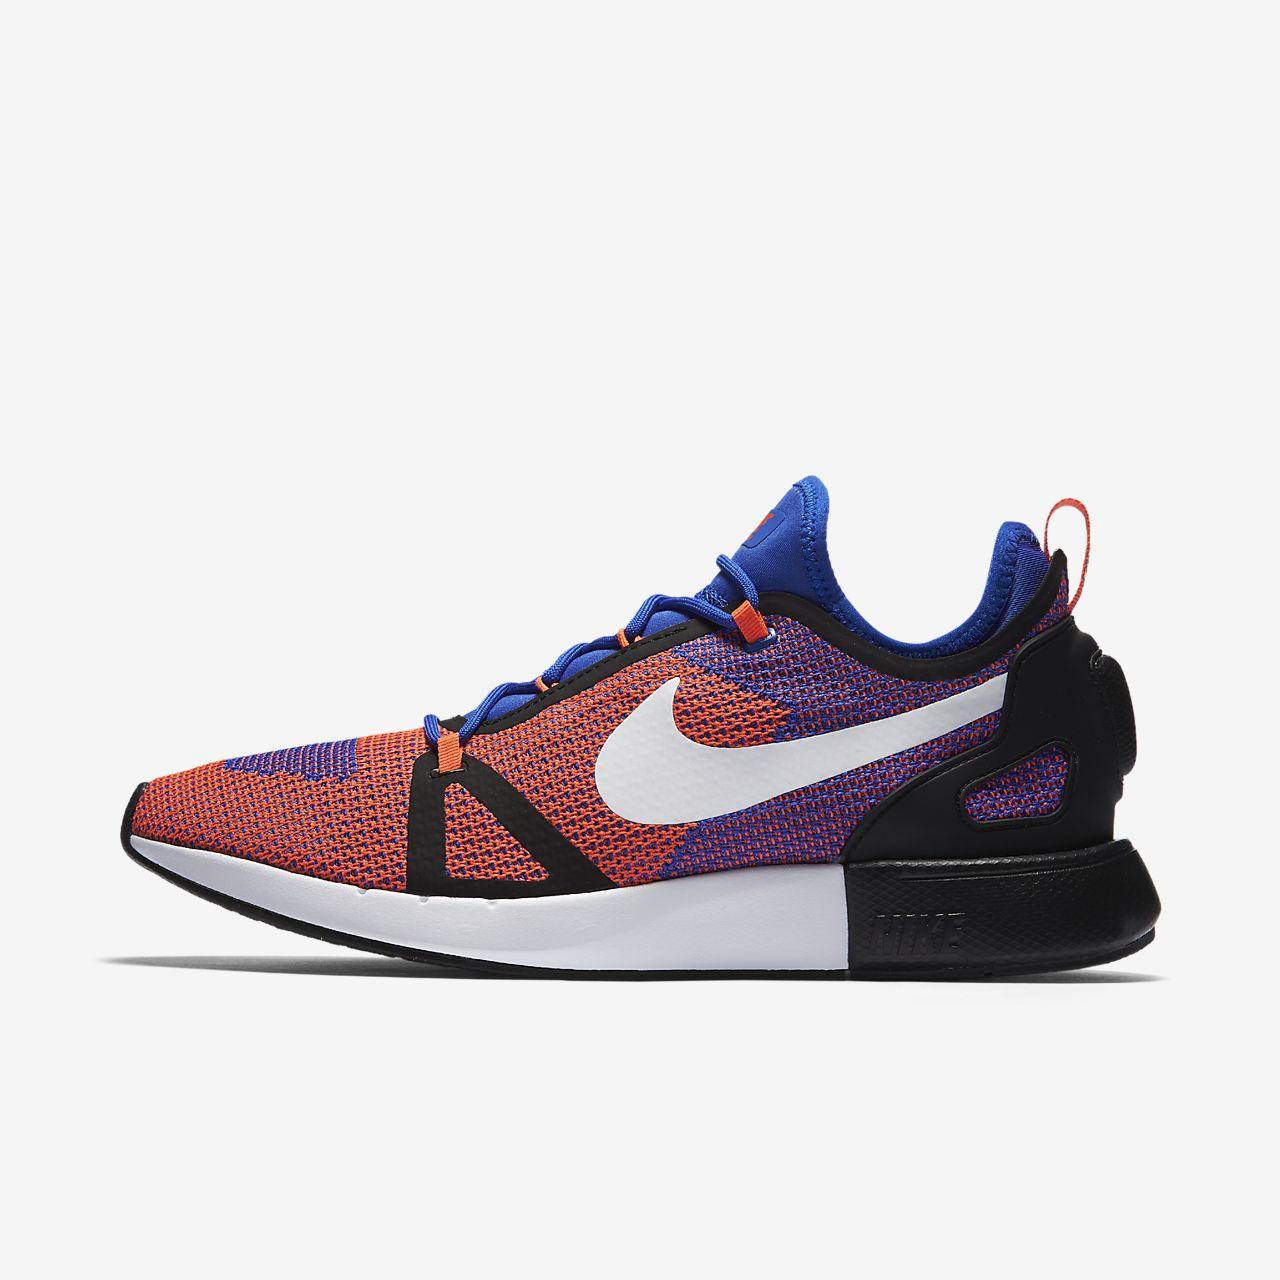 hot sale online 420a8 647ef Homme Femme nike duel racer chaussure d' id id id Pratique et économique  Fabrication qualifiée s'amuser 2048db